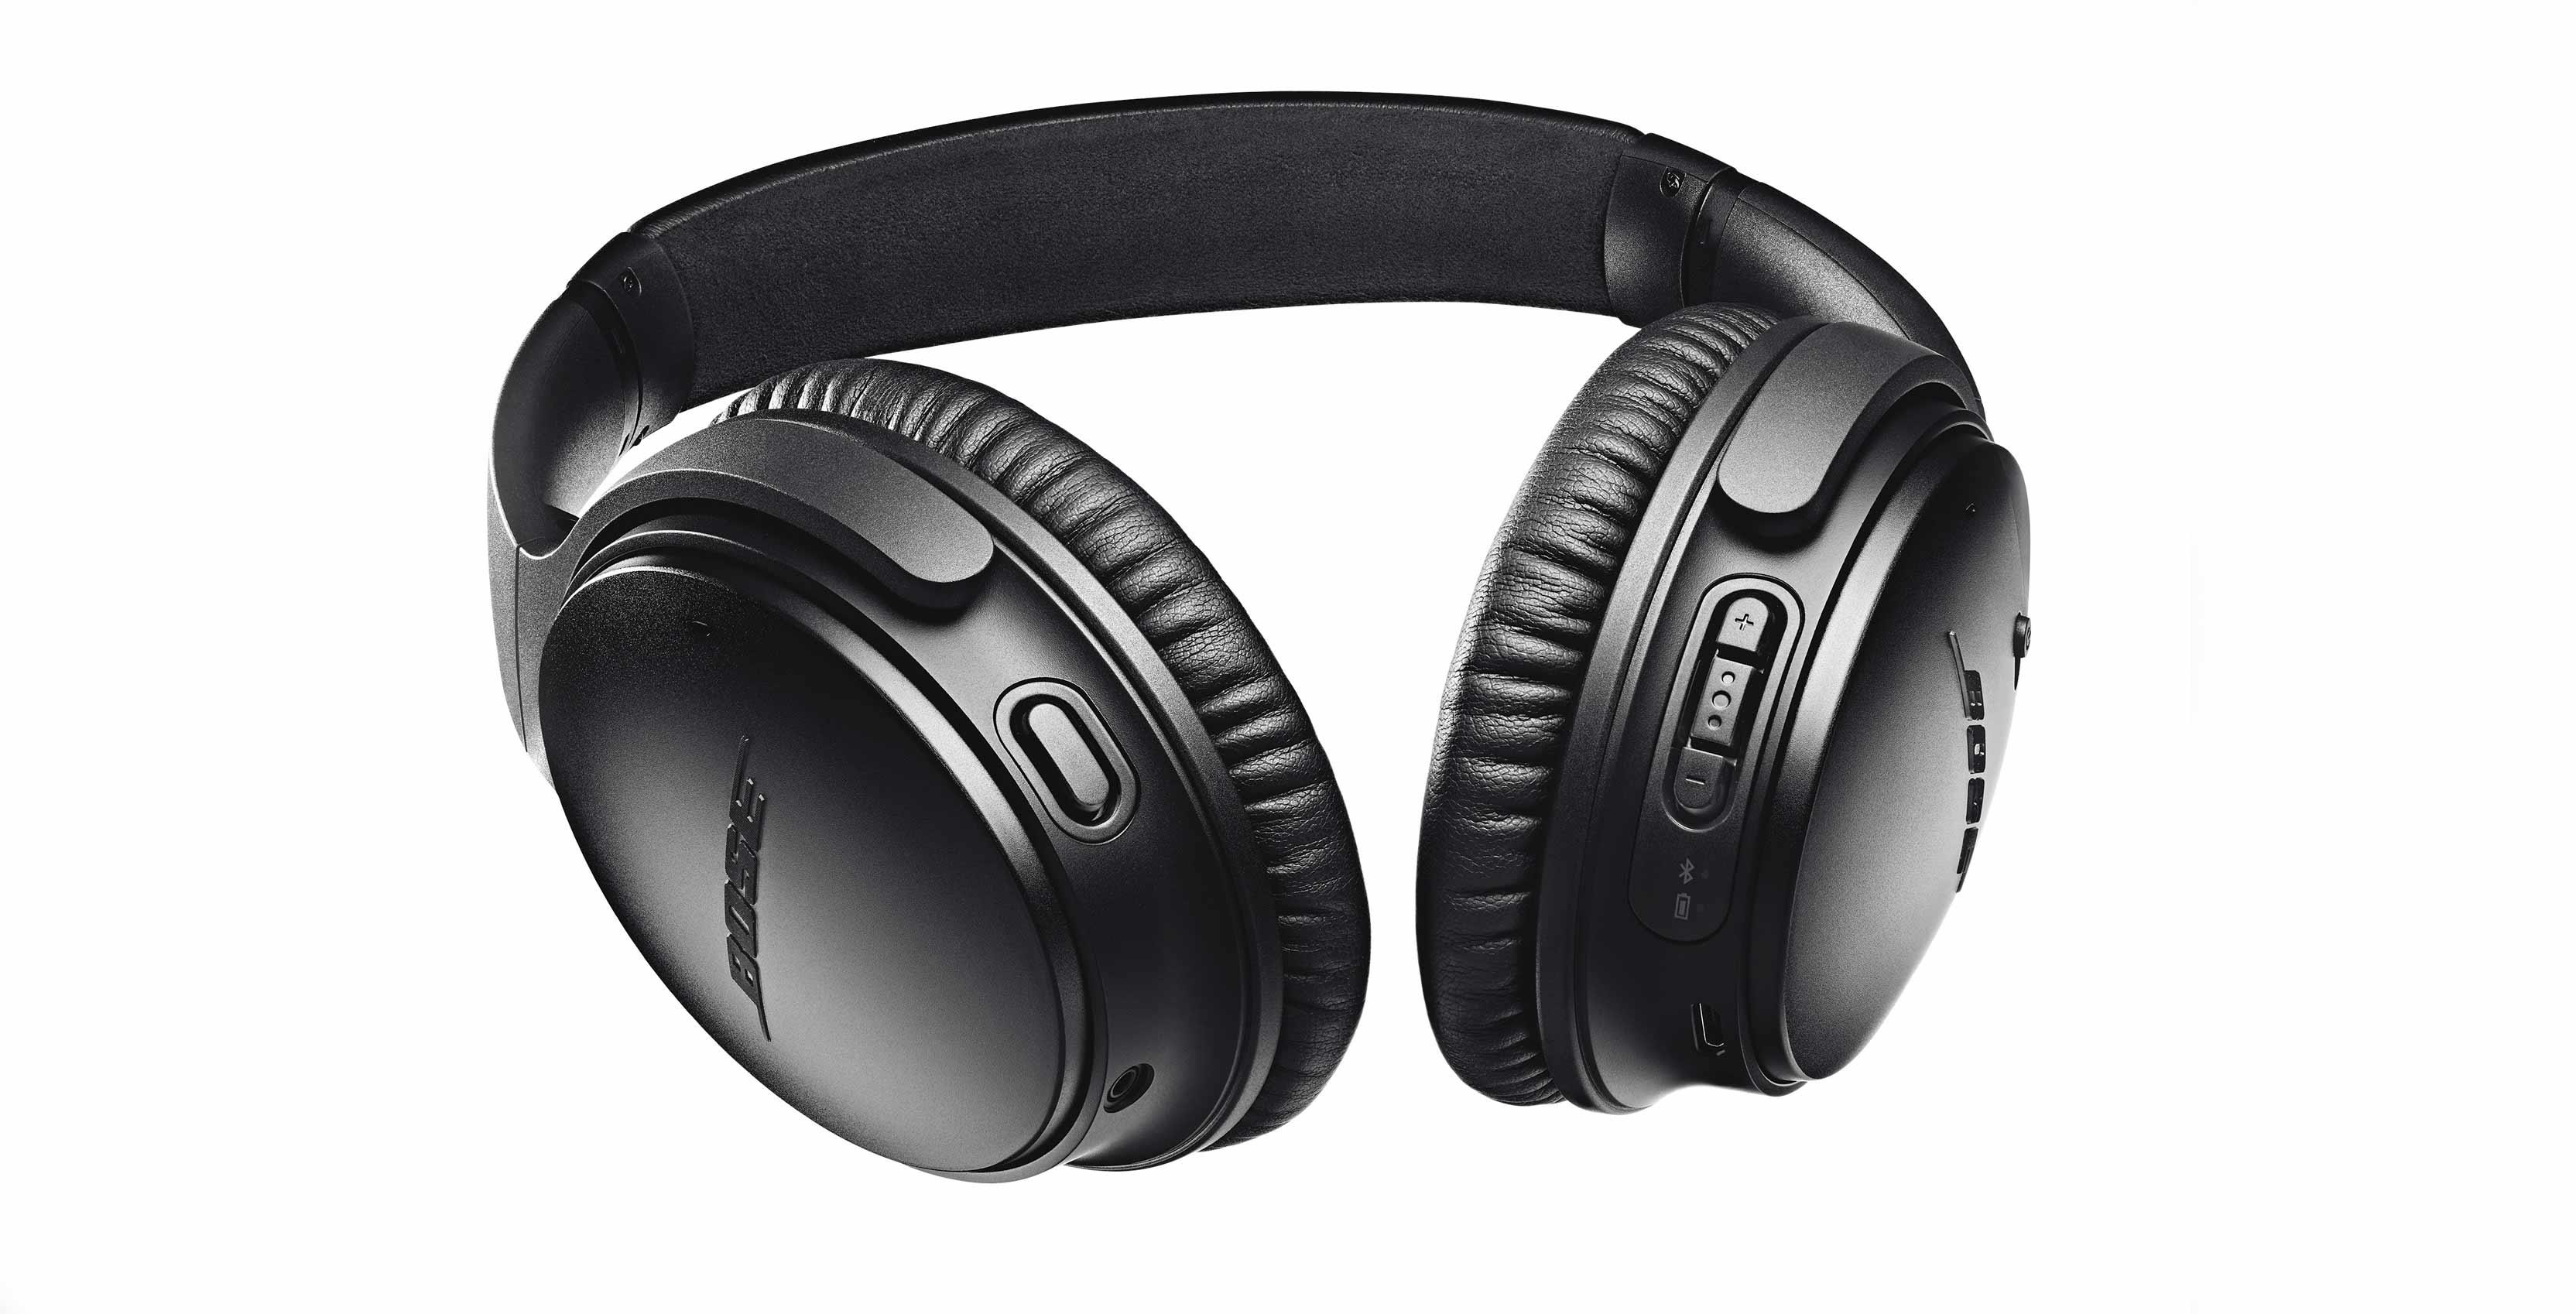 Bose QuietComfort 35 headphones with Google Assistant